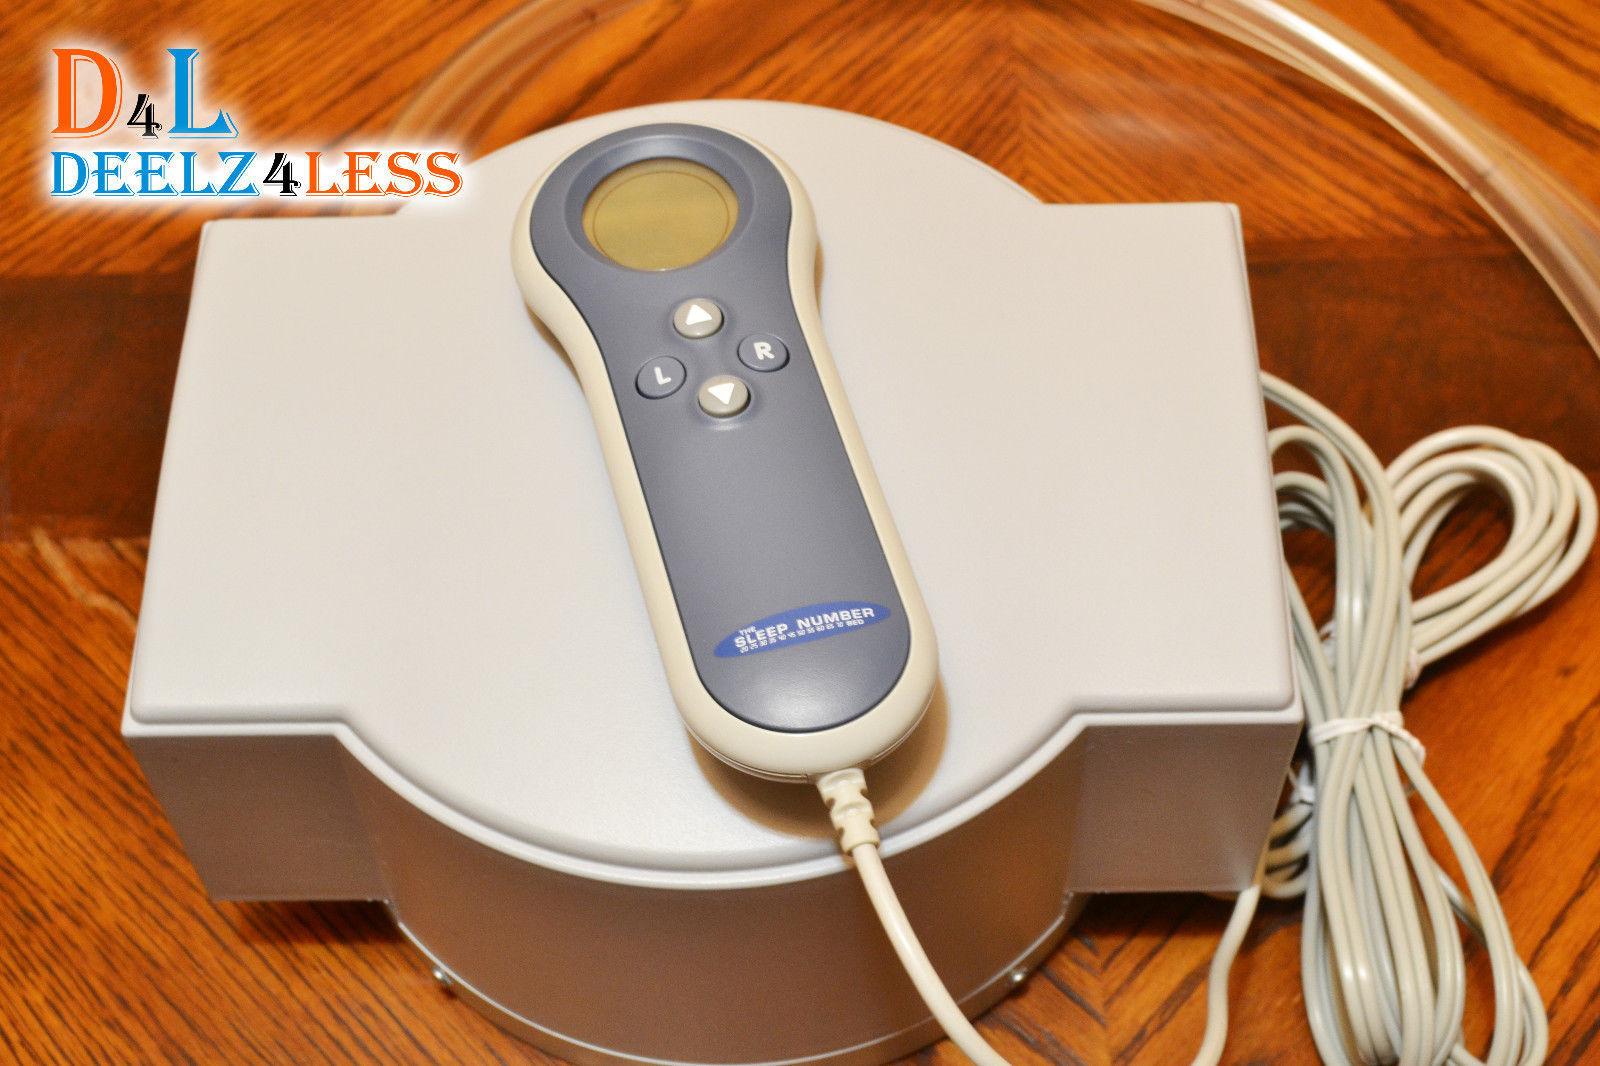 Select Comfort Sleep Number Air Bed Pump Efcs4 2pr Queen